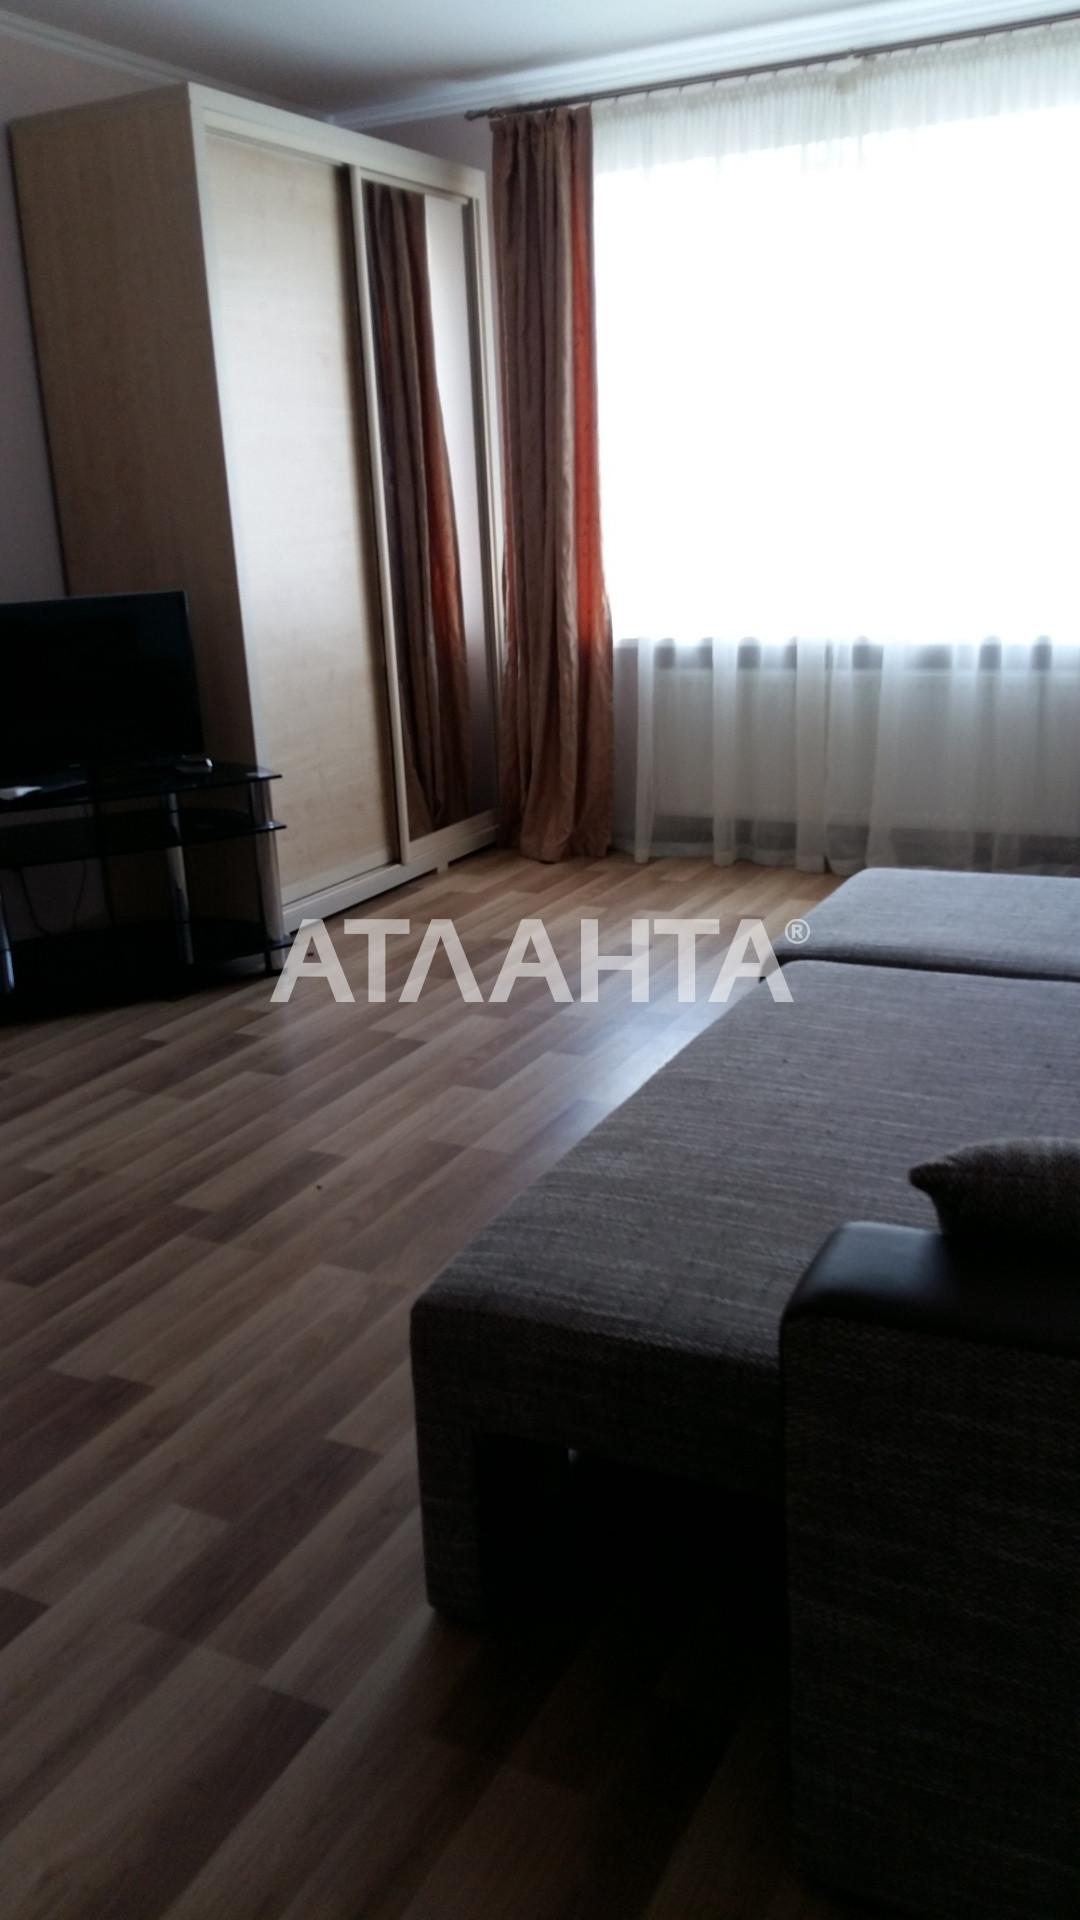 Продается 3-комнатная Квартира на ул. Пишоновская — 99 000 у.е. (фото №5)